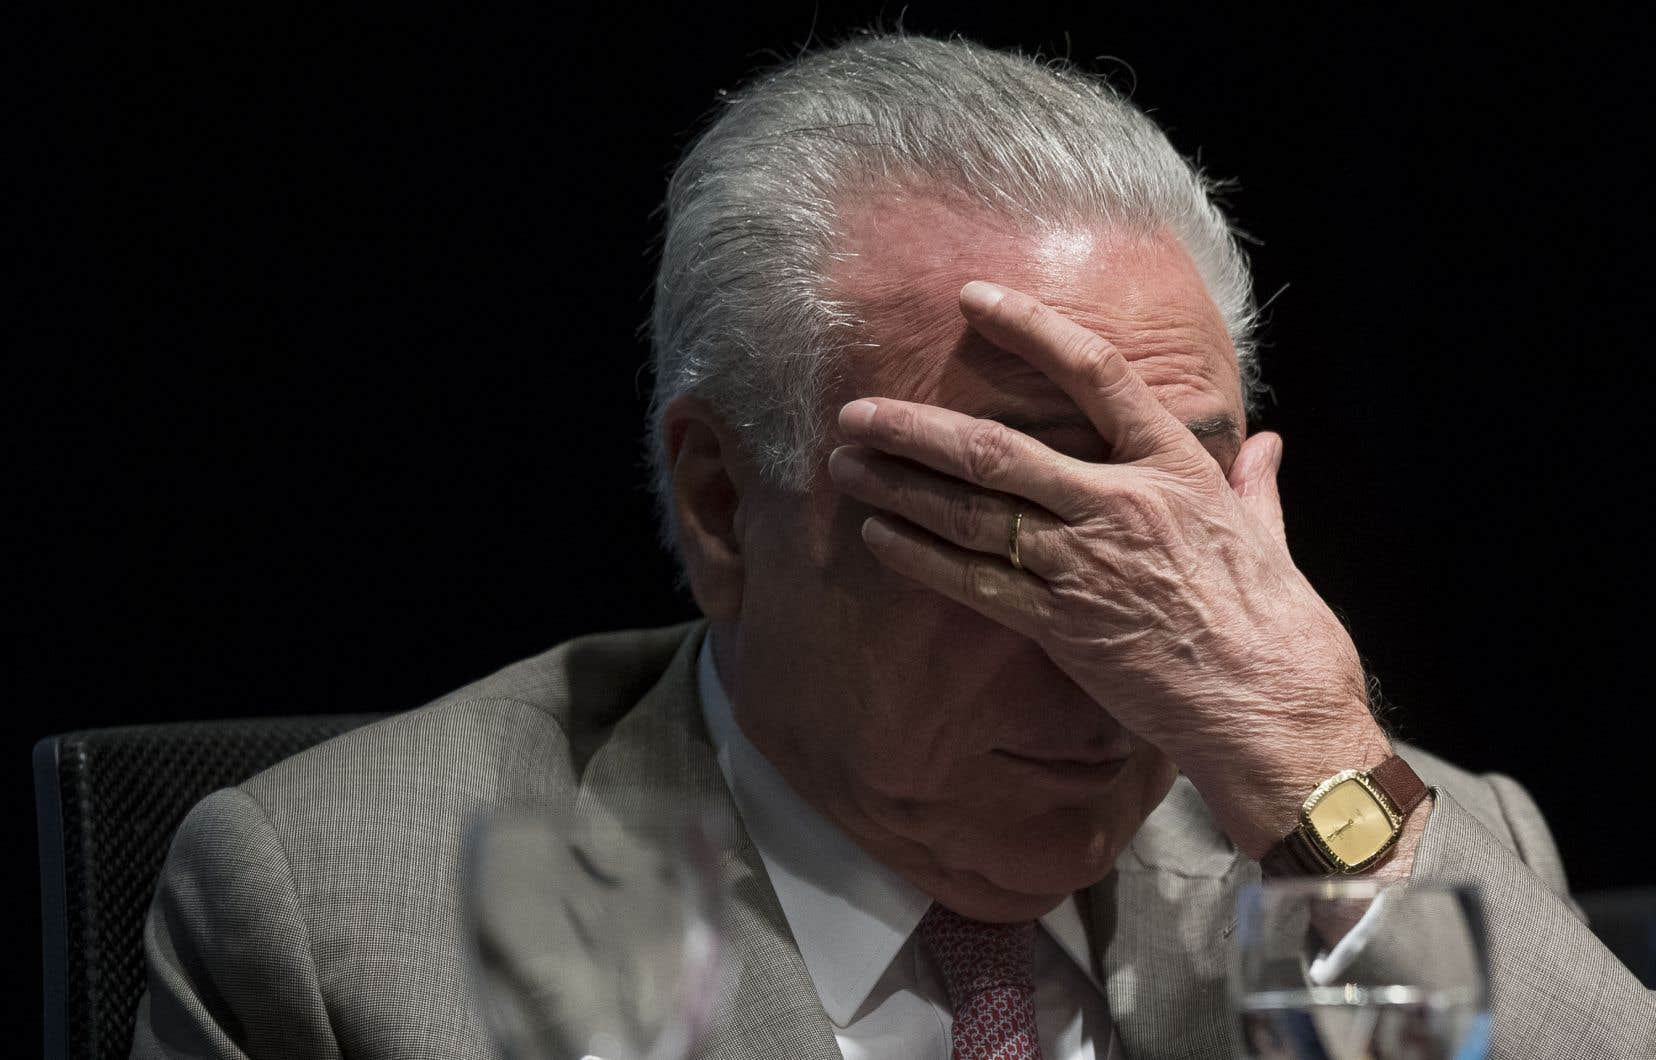 Michel Temer, qui a quitté le pouvoir à la fin 2018 après près de deux ans et demi de mandat, fait l'objet de plusieurs enquêtes pour corruption.